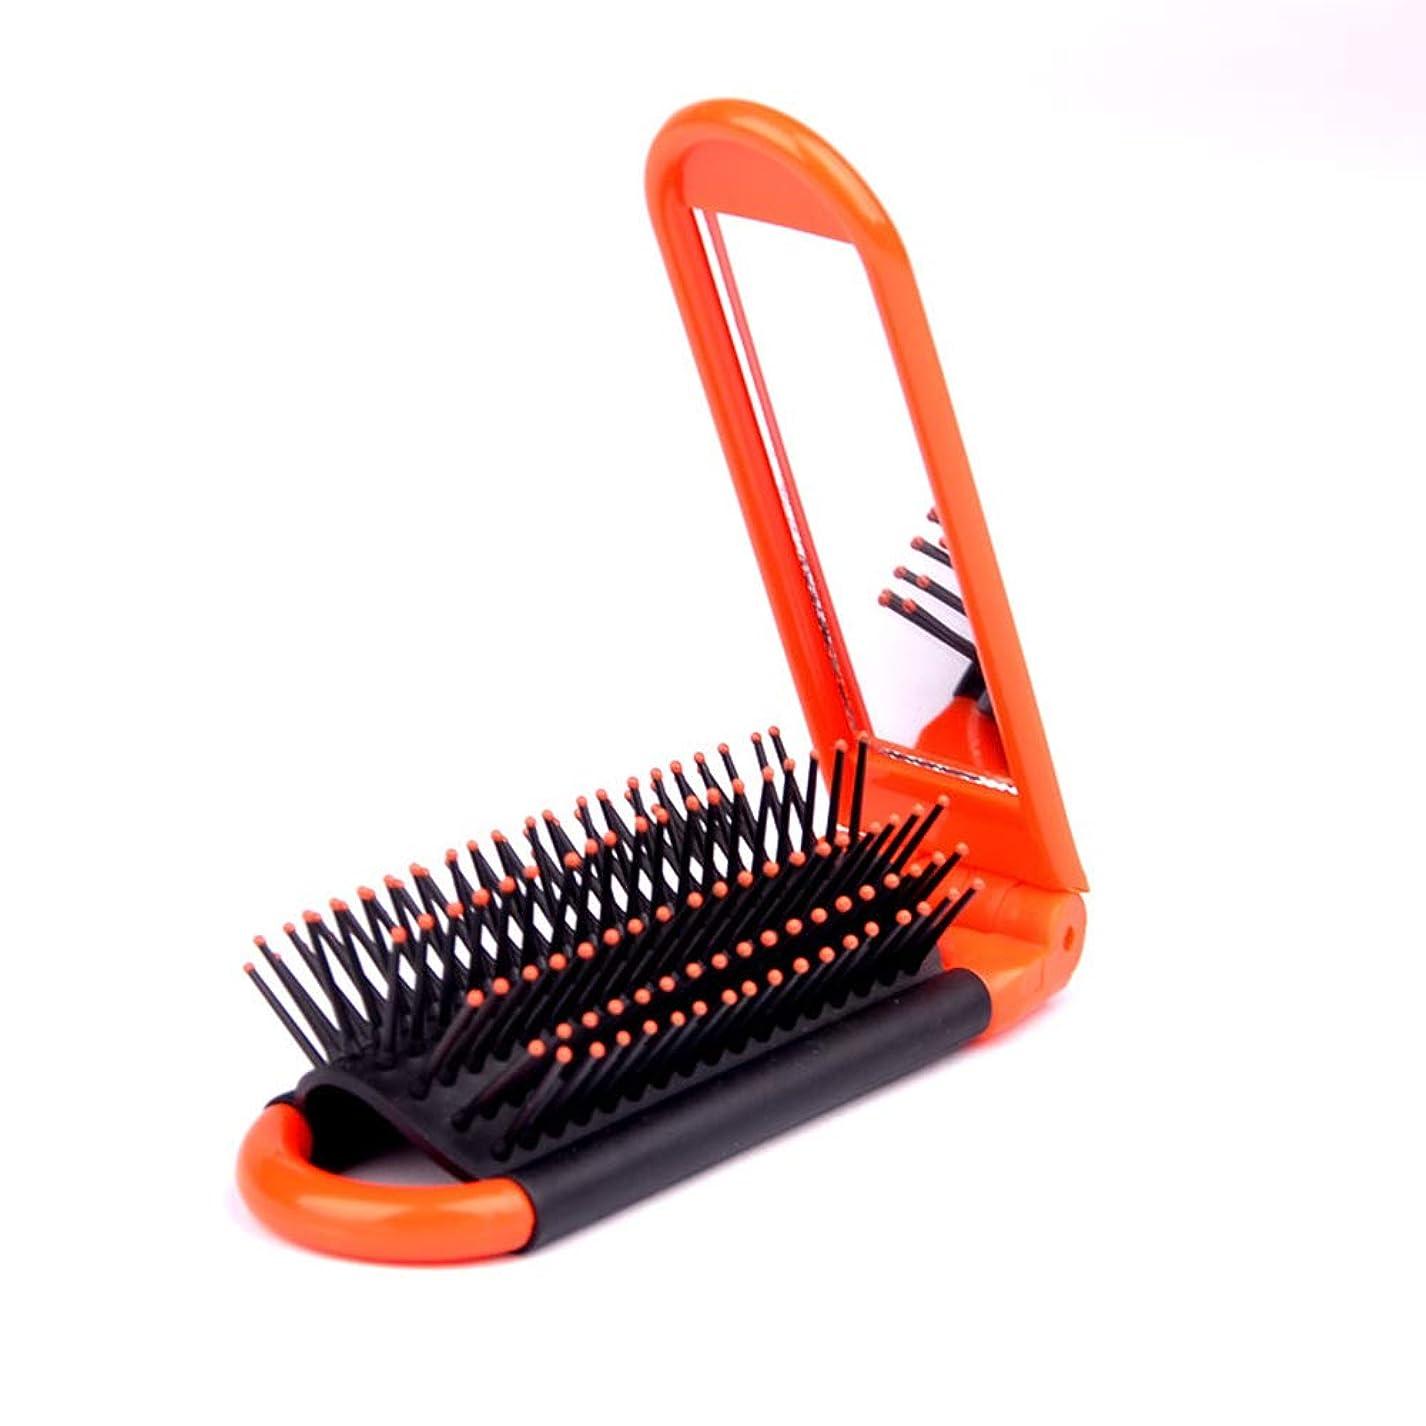 かなりのストリップ急性ヘアーコーム ポータブル折り畳み式ミラー櫛プラスチック櫛ラウンド小さな曲線の歯男性&女性のための 理髪の櫛 (色 : オレンジ)